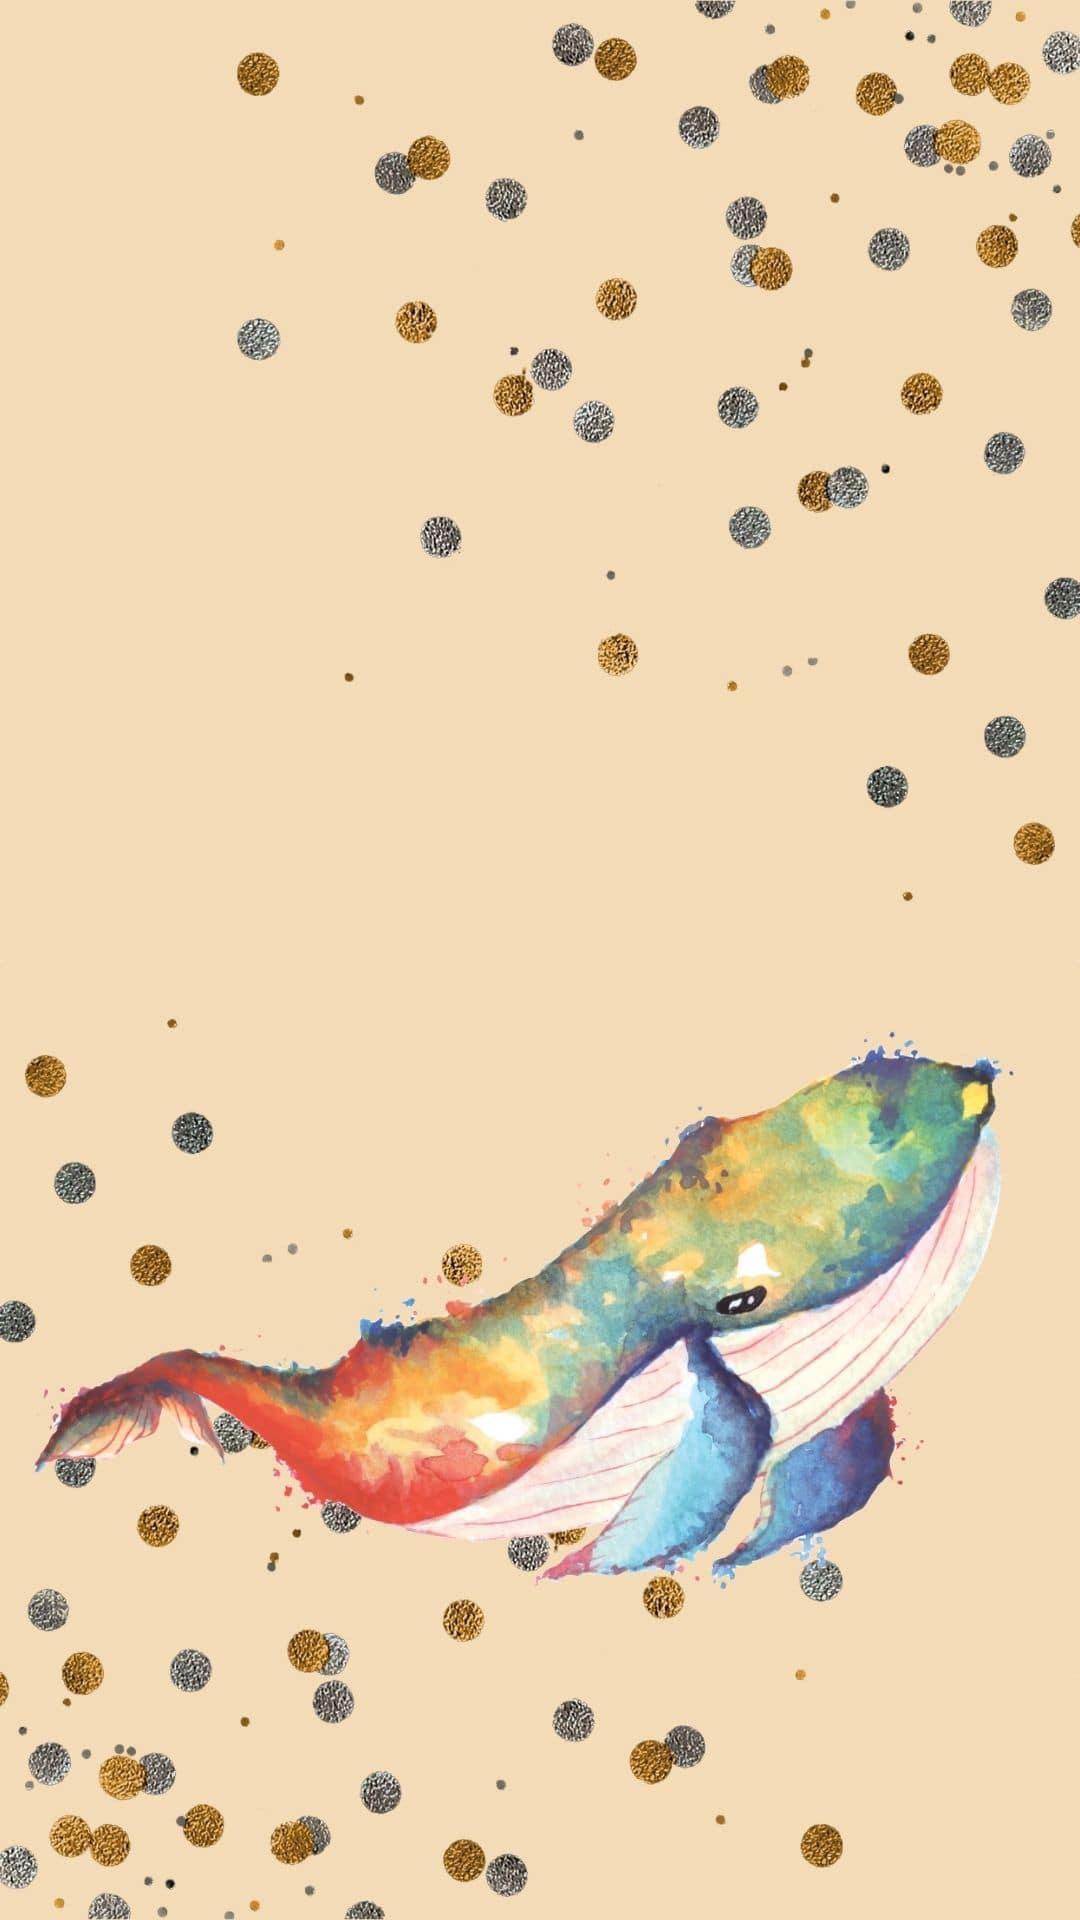 Tekening van een walvis in aquarelkleuren